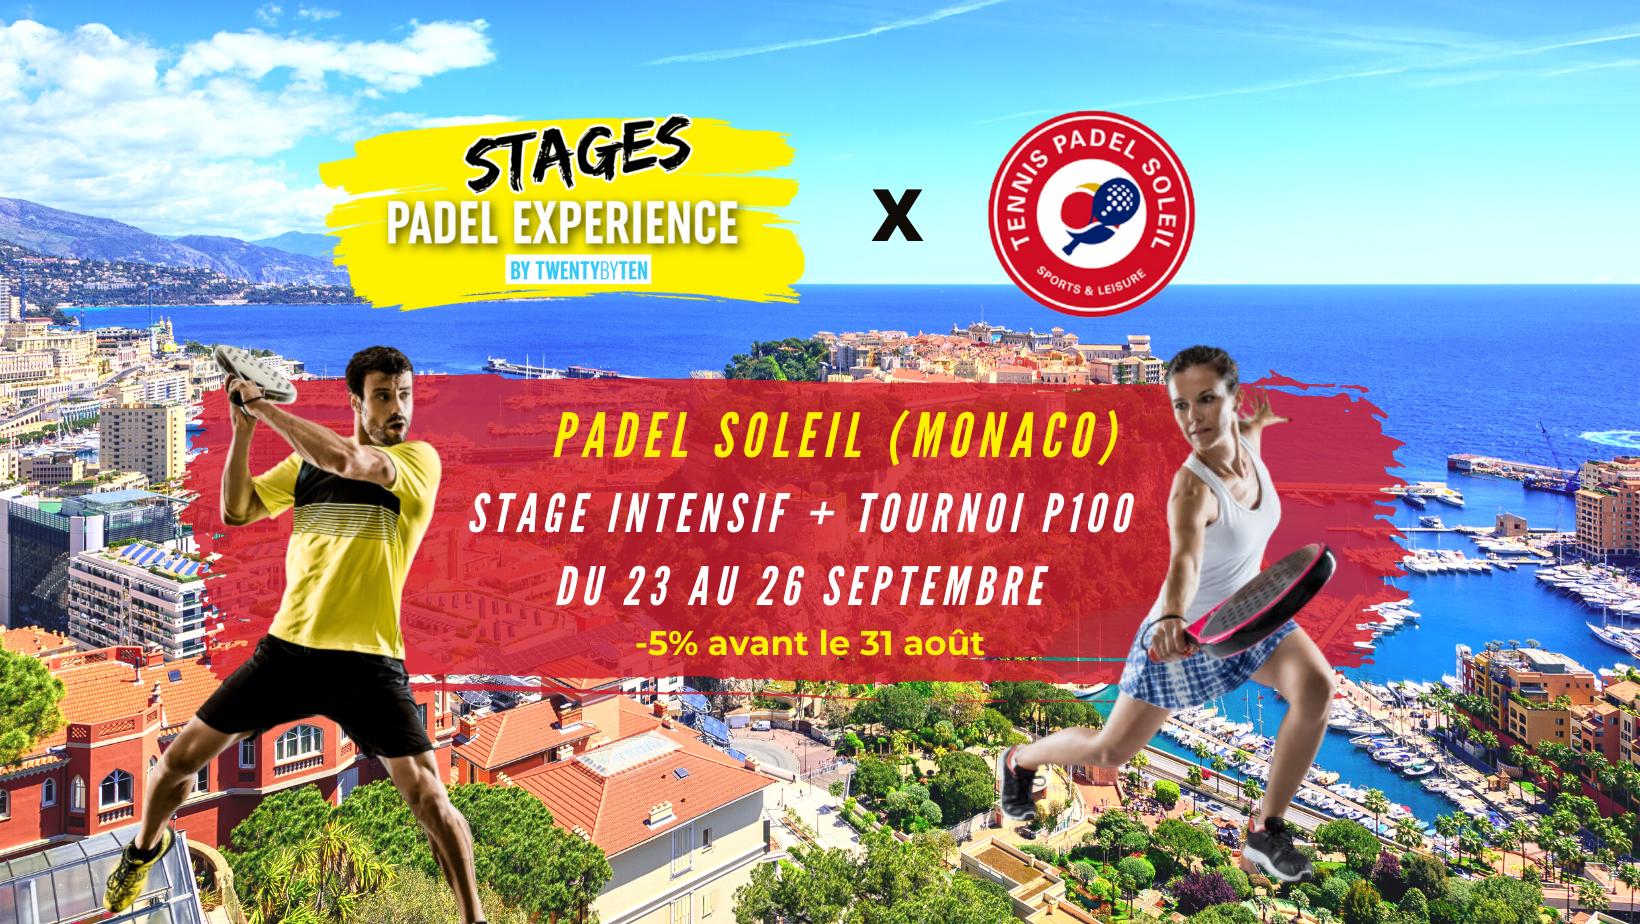 Stage Padel Tennis Padel dom: dal 23 al 26 settembre